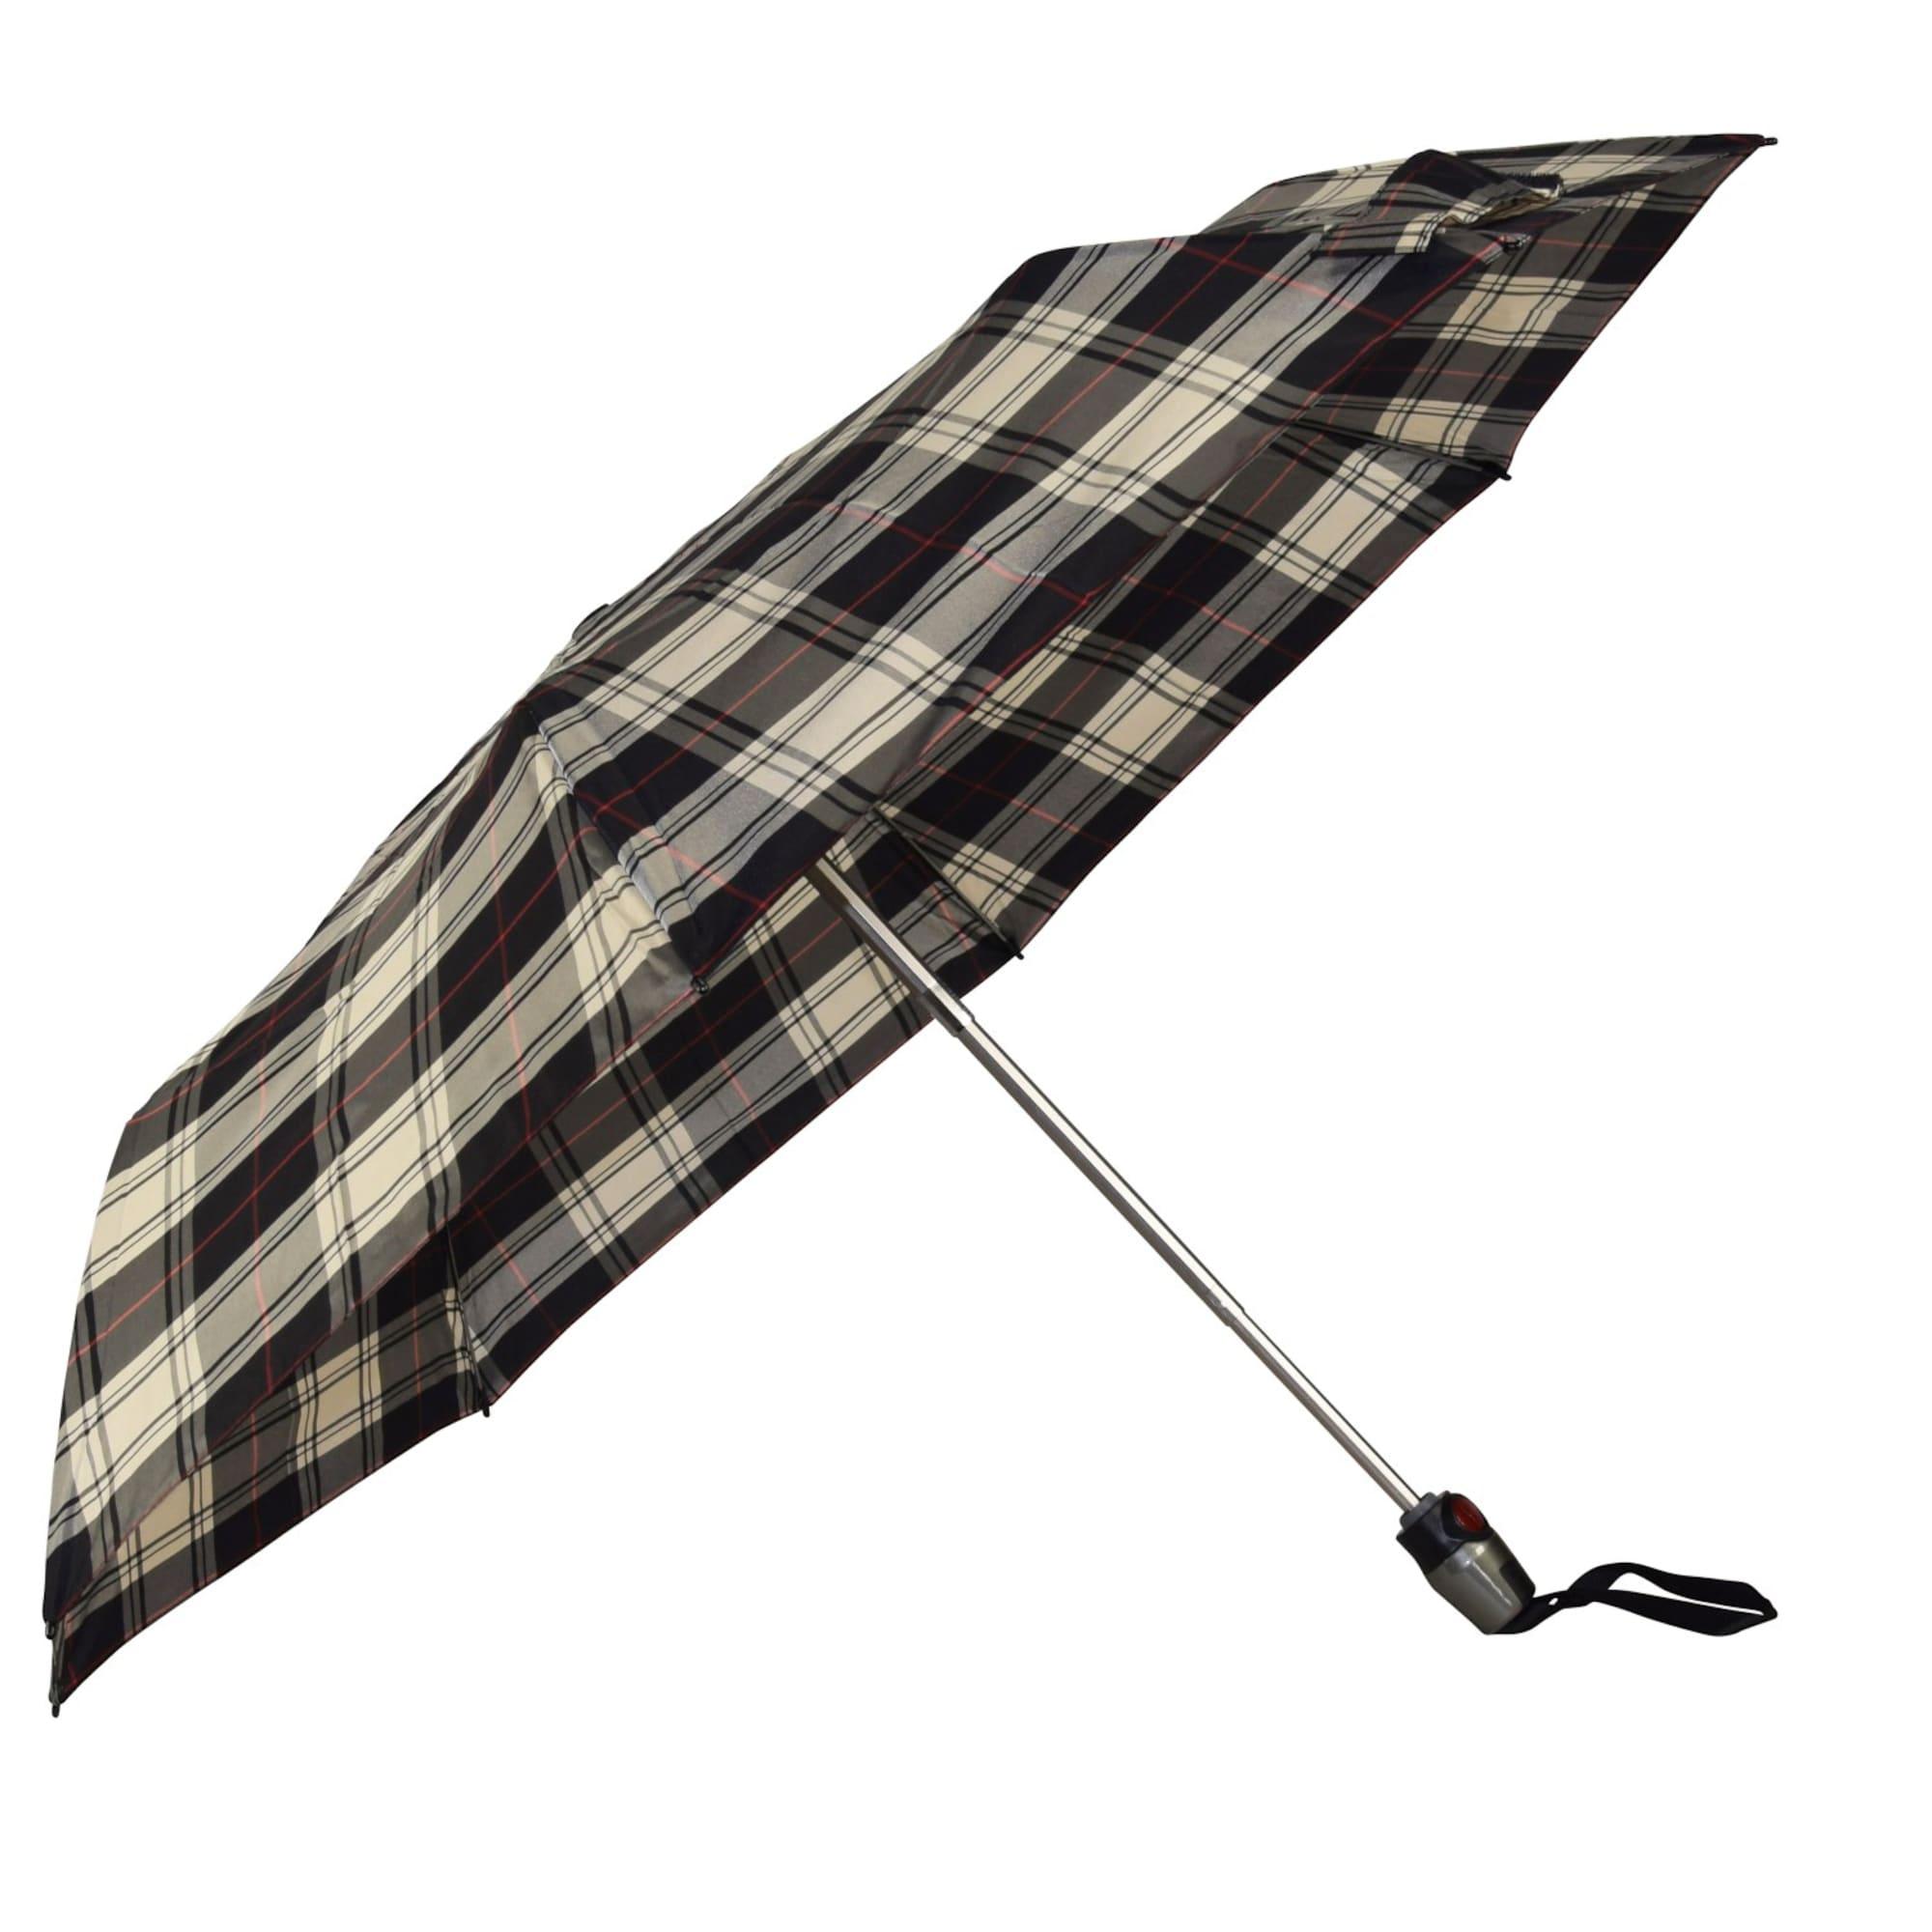 Regenschirm | Accessoires > Regenschirme | knirps